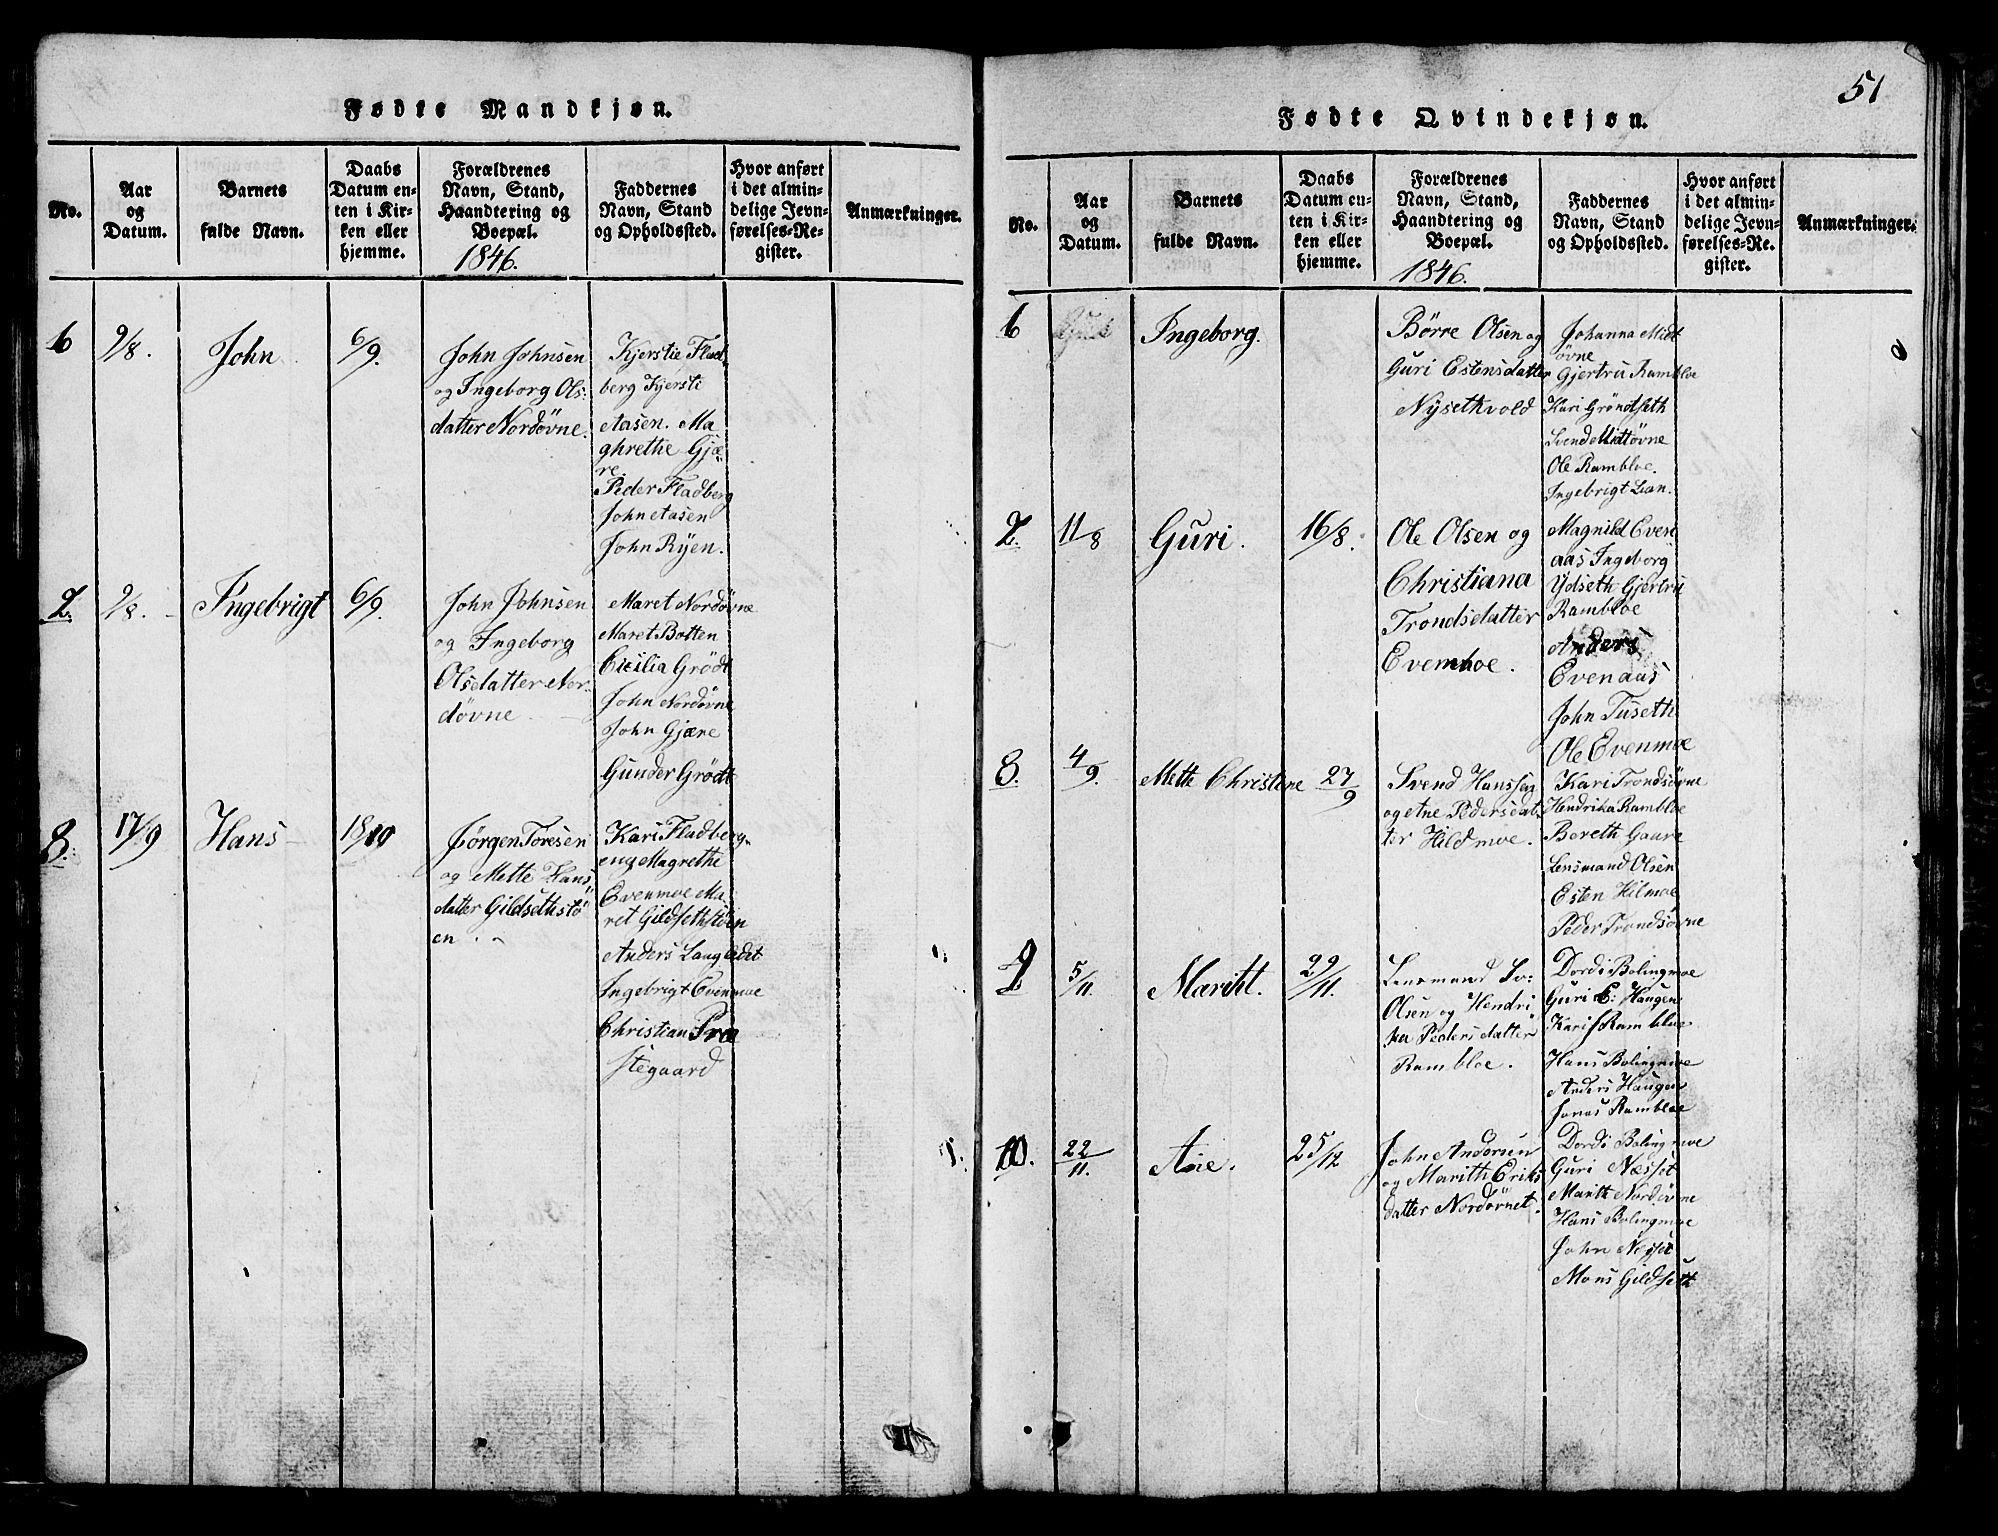 SAT, Ministerialprotokoller, klokkerbøker og fødselsregistre - Sør-Trøndelag, 685/L0976: Klokkerbok nr. 685C01, 1817-1878, s. 51